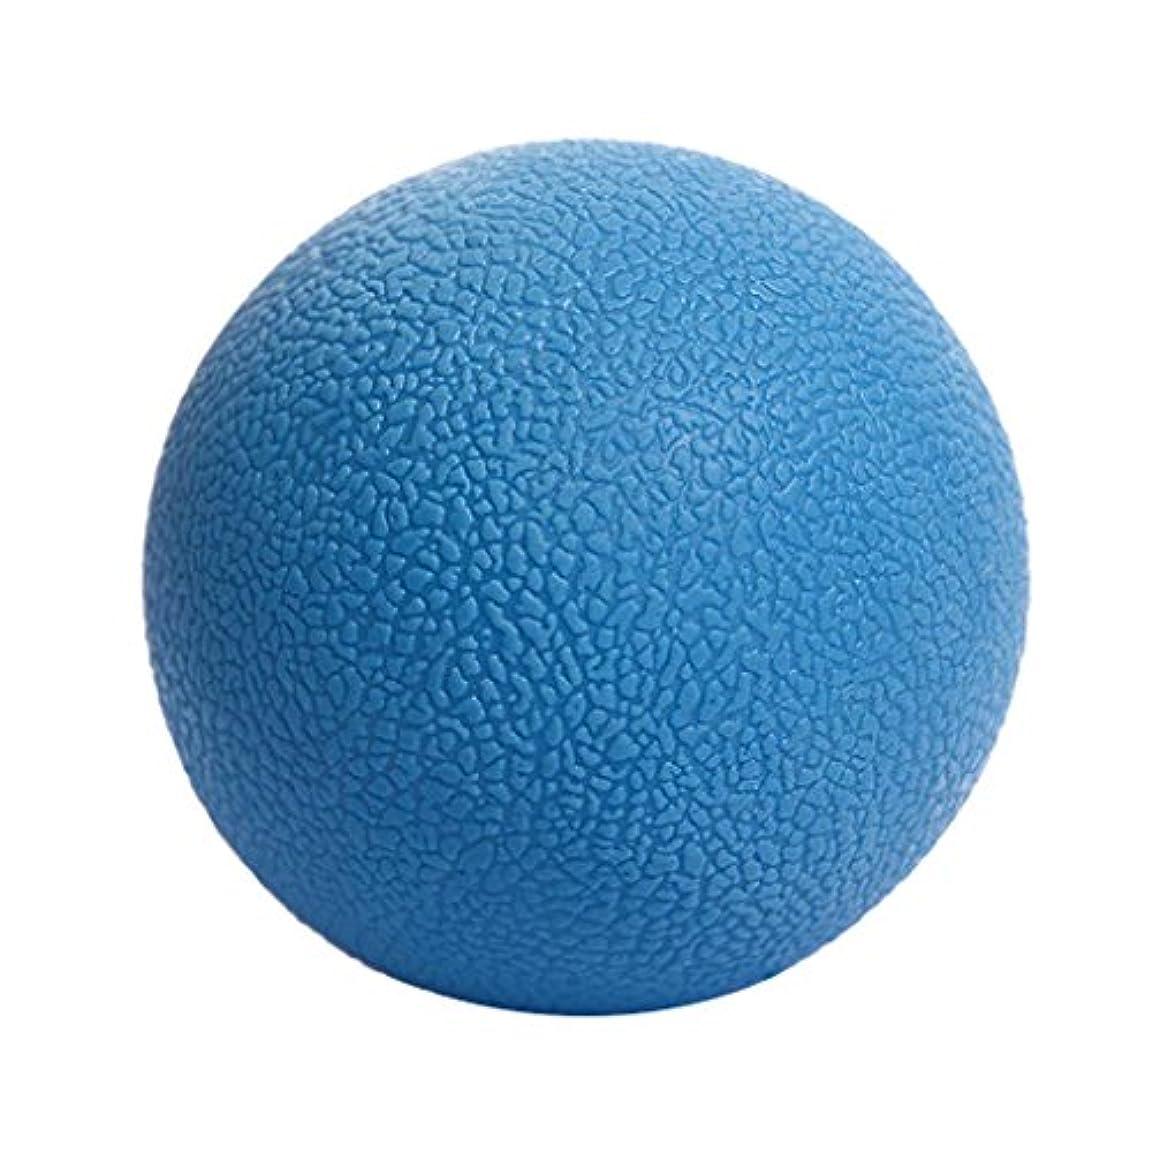 自動的にアクセスメキシコBaoblaze マッサージボール ボディーマッサージ 便利 TPE ヨガ ピラティス 4色選べる - 青